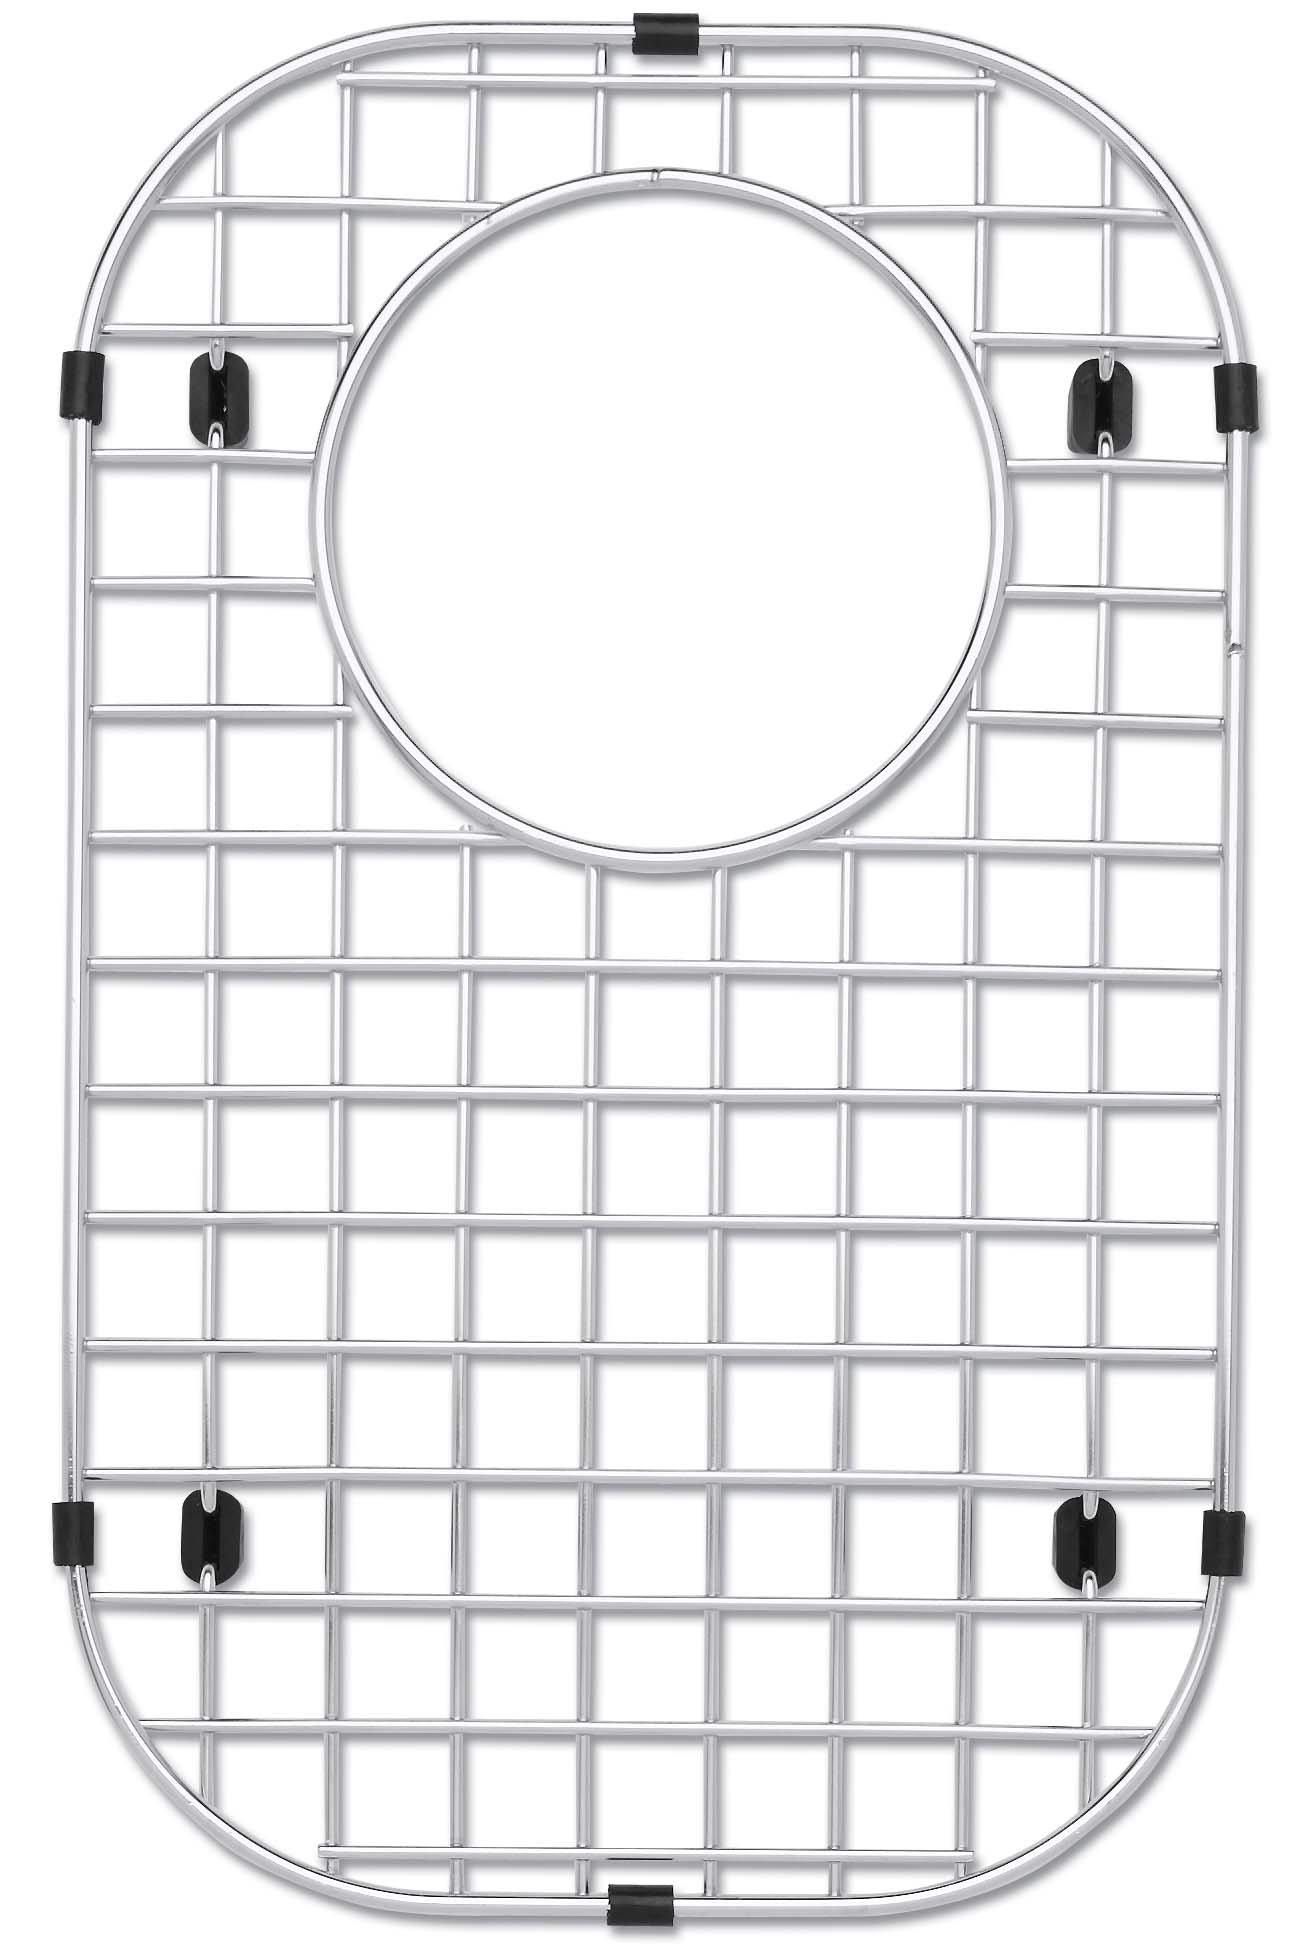 Blanco 220-995 Stainless Steel Sink Grid